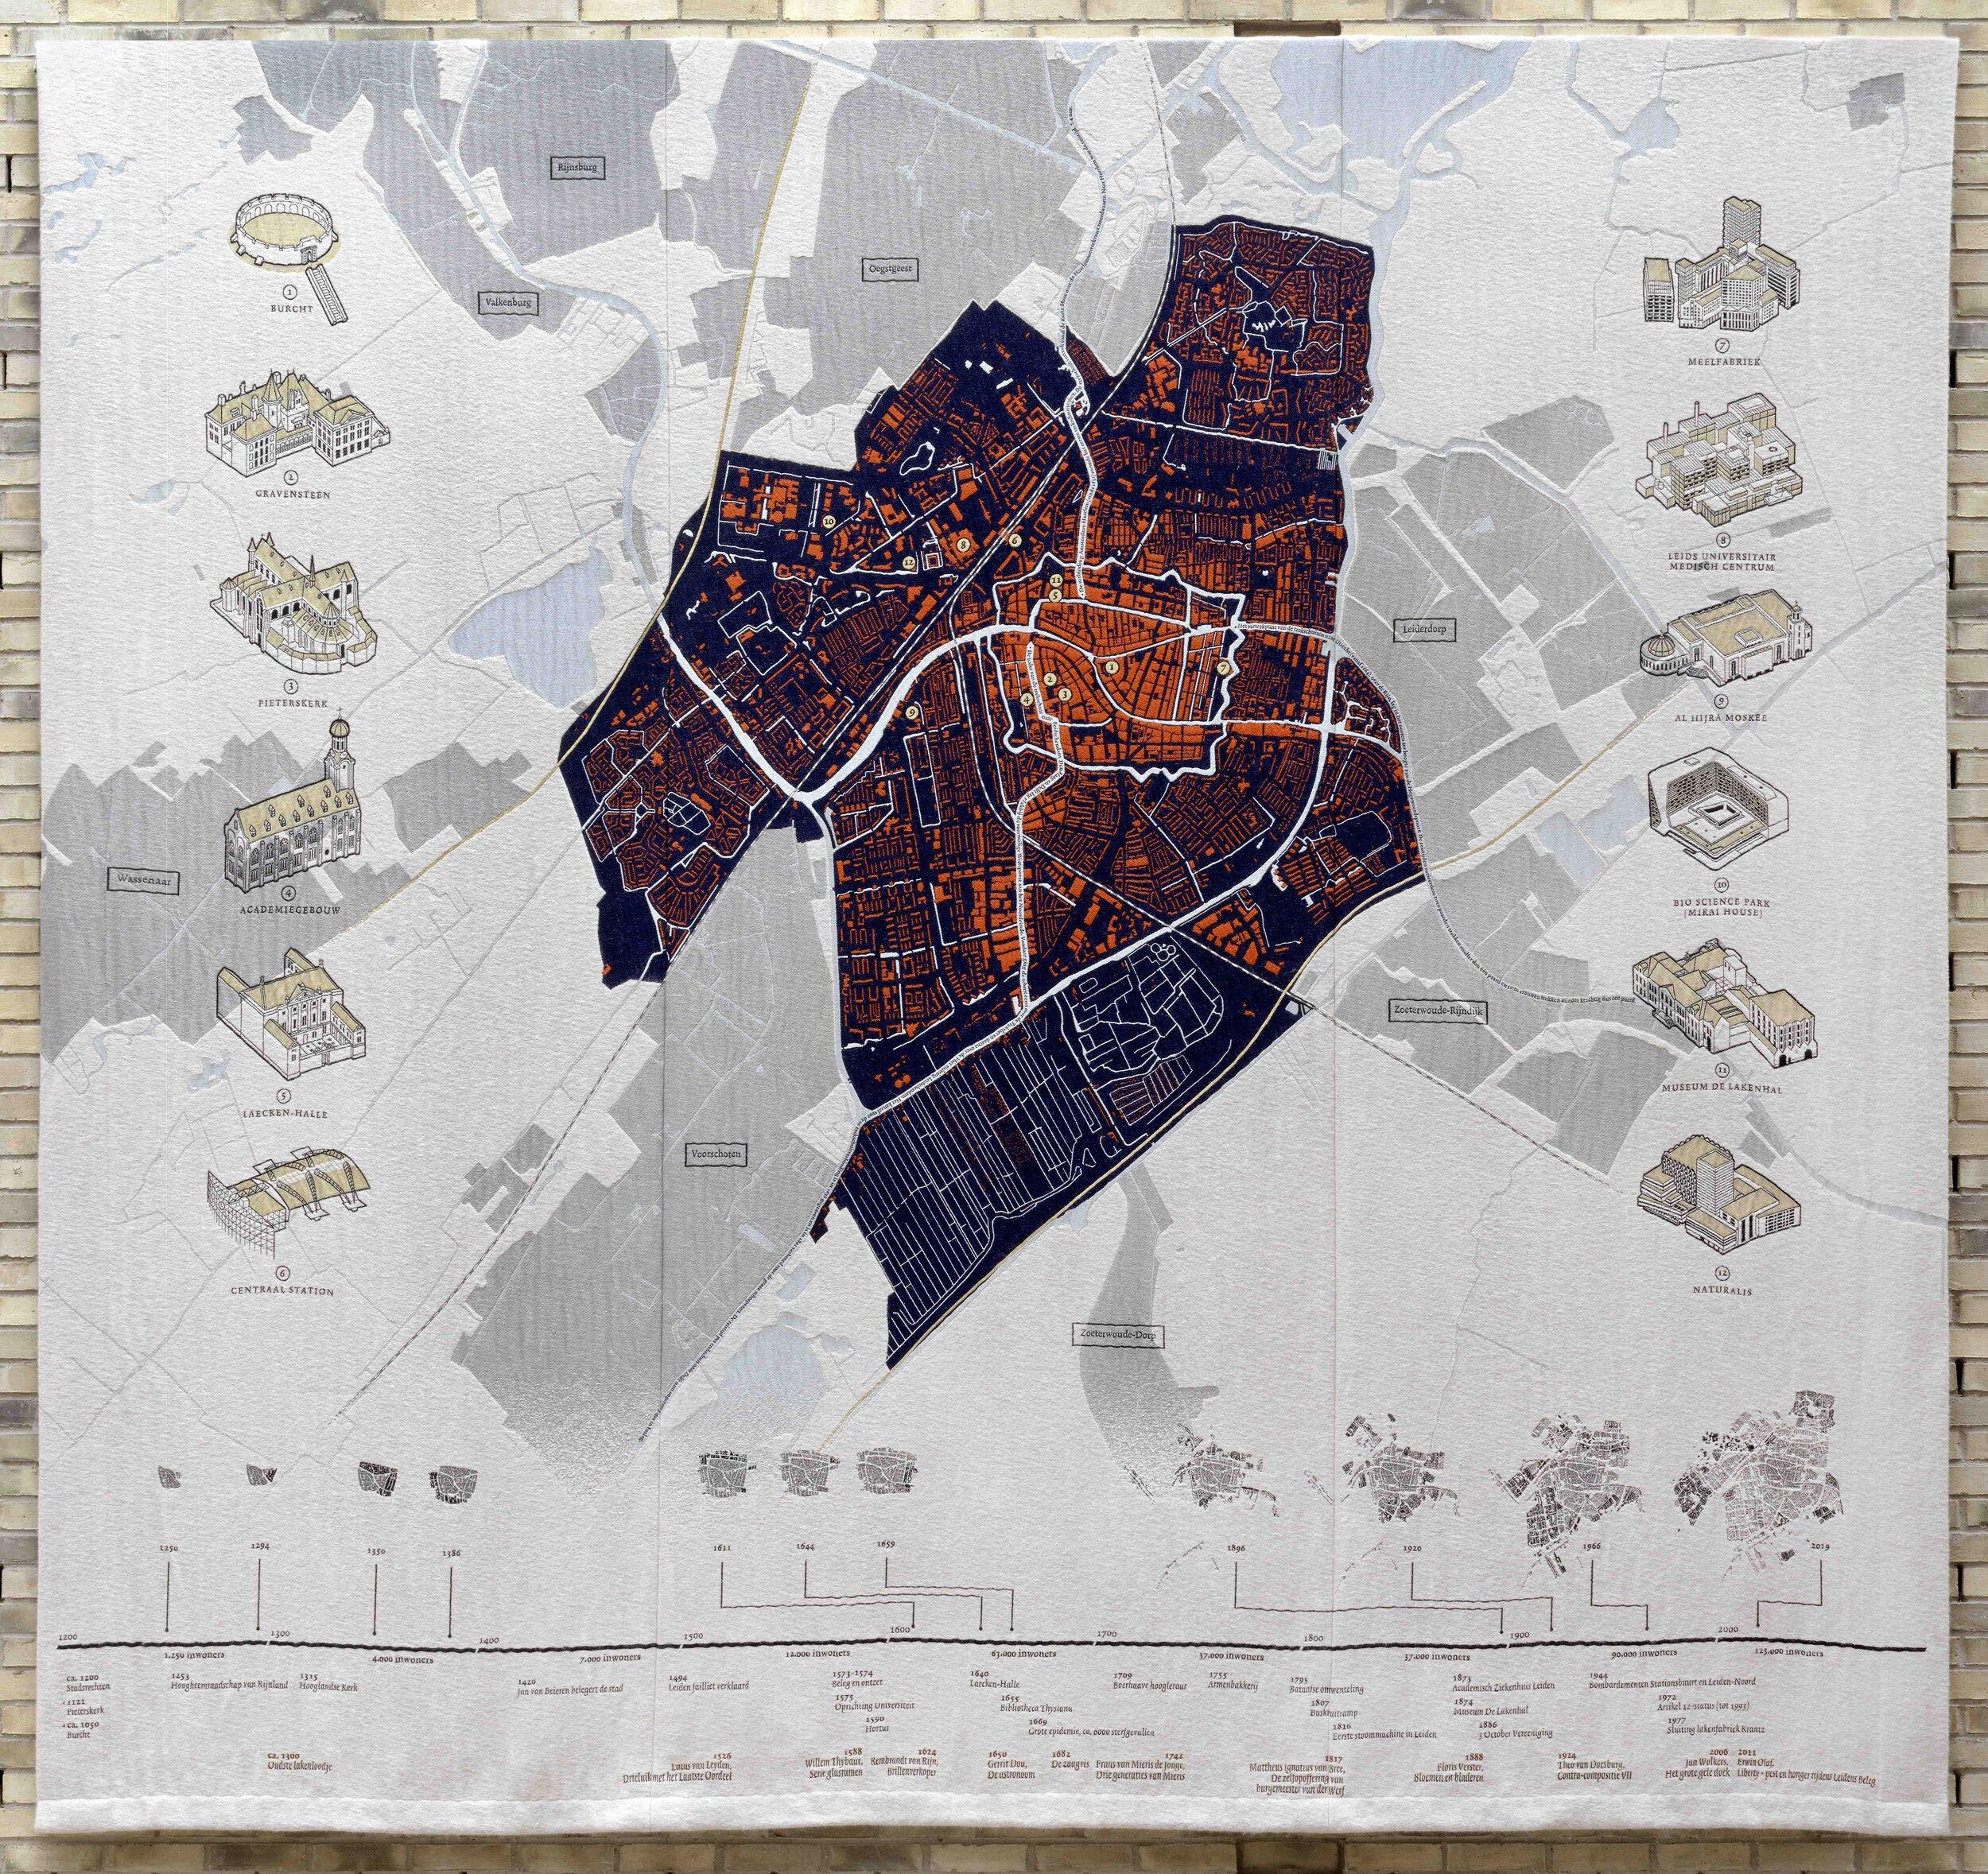 Ankie Stoutjesdijk,  Een geweven geschiedenis van Leiden, 2016-2019,  ontwikkeld en geweven in TextielLab/TextielMuseum Tilburg, Collectie Museum De Lakenhal, Leiden. Foto: Gert Jan van Rooij.